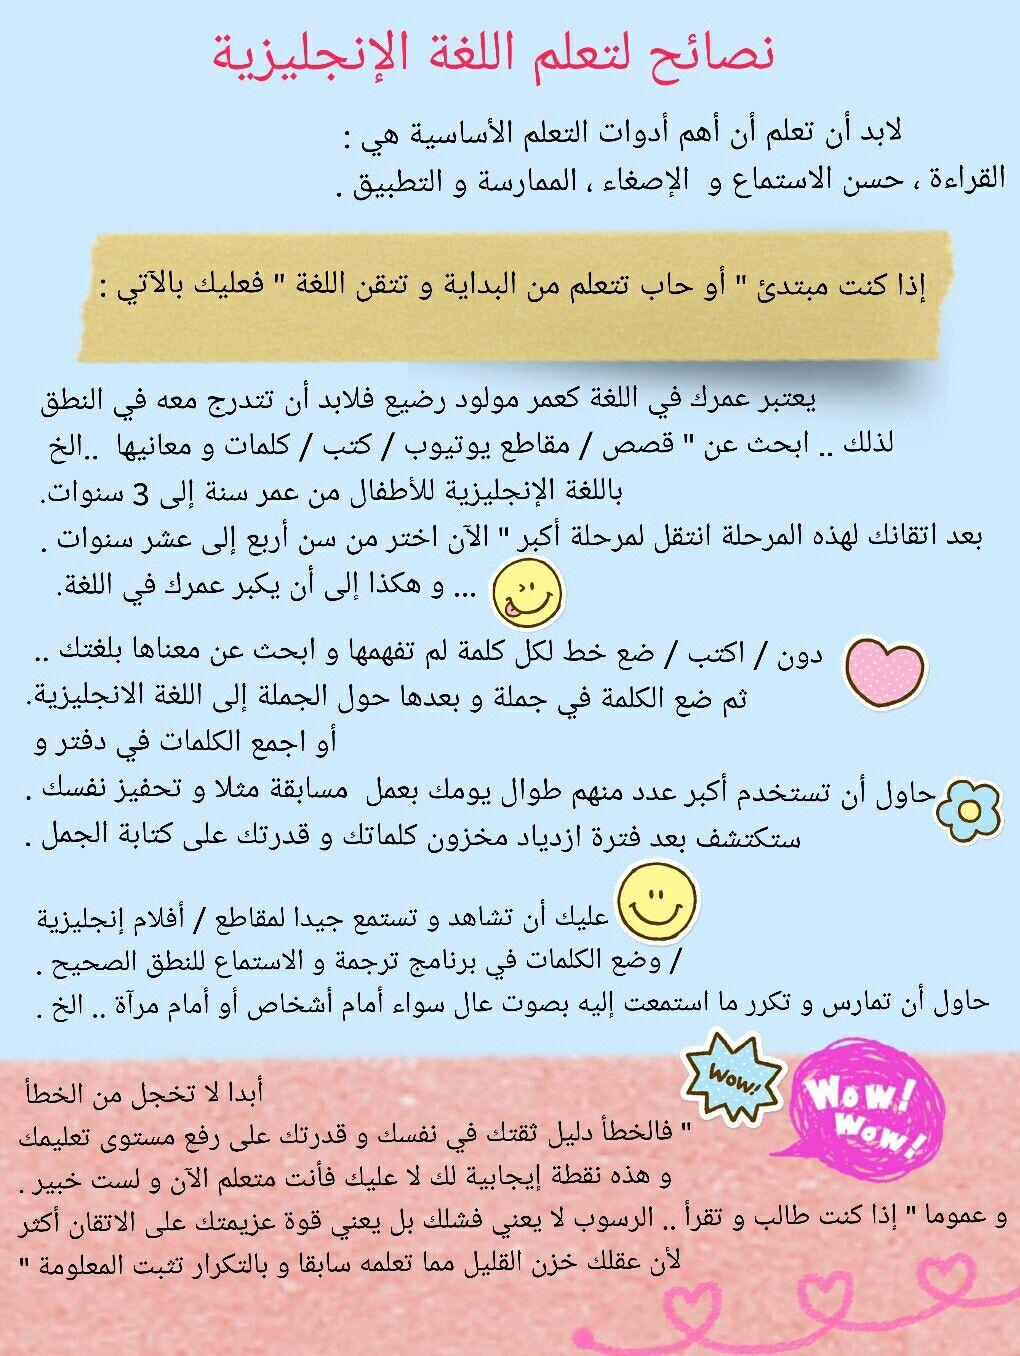 15الإنجليزية بسهولة نصائح لتعلم اللغة الإنجليزية English Advice Ale